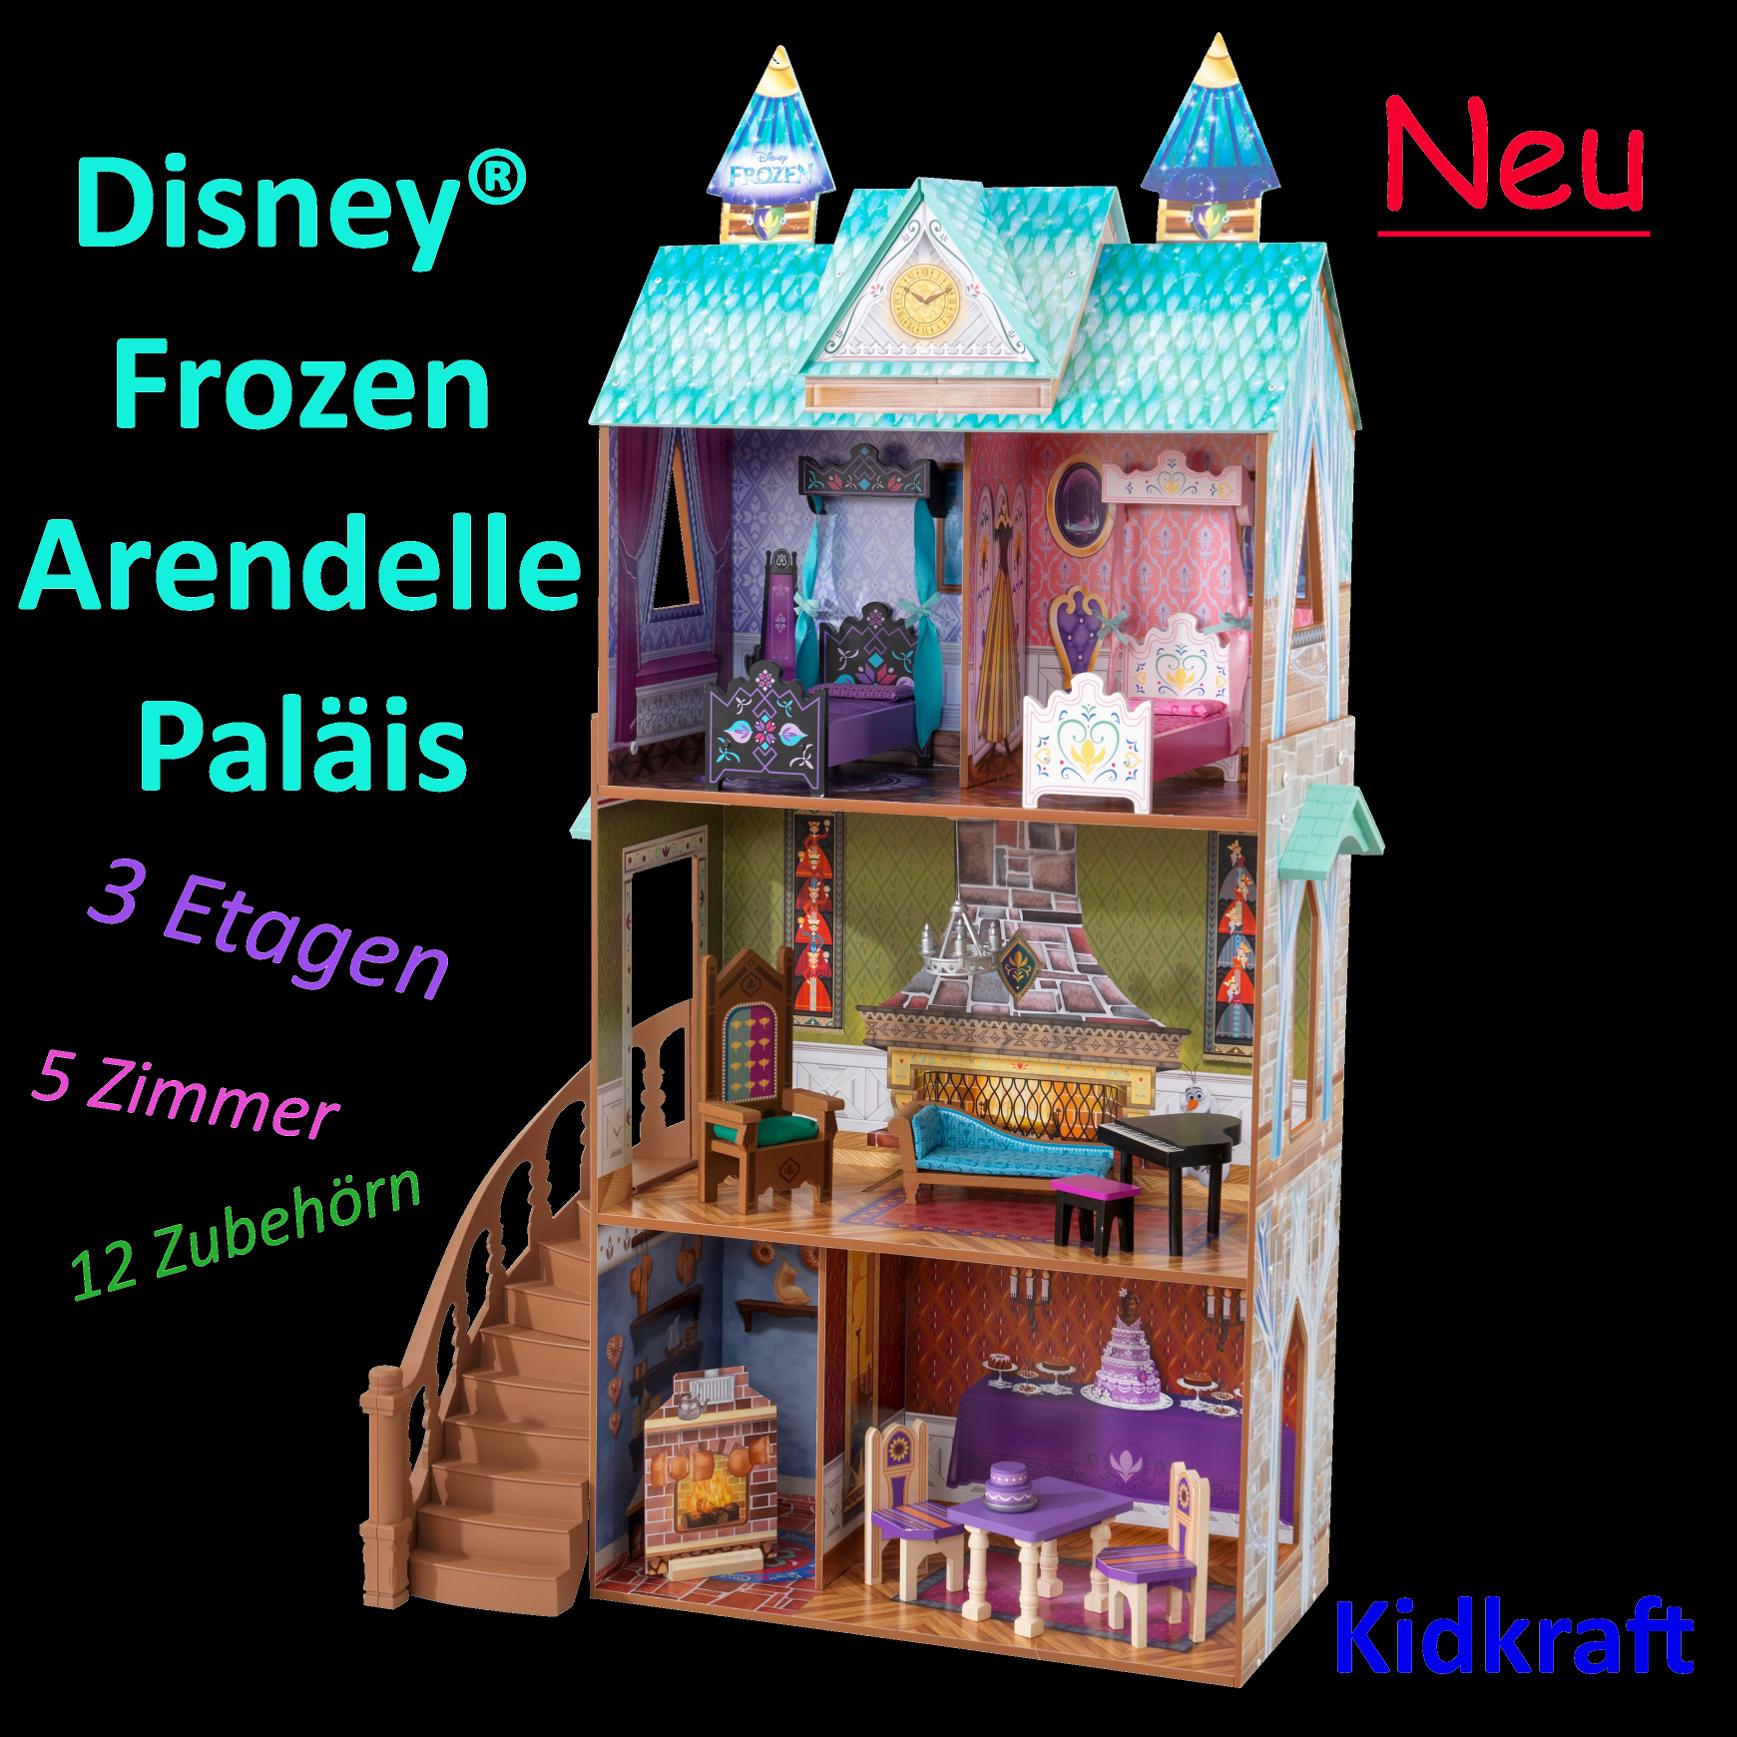 Disney® Frozen Arendelle Paläis - Kidkraft (65945)